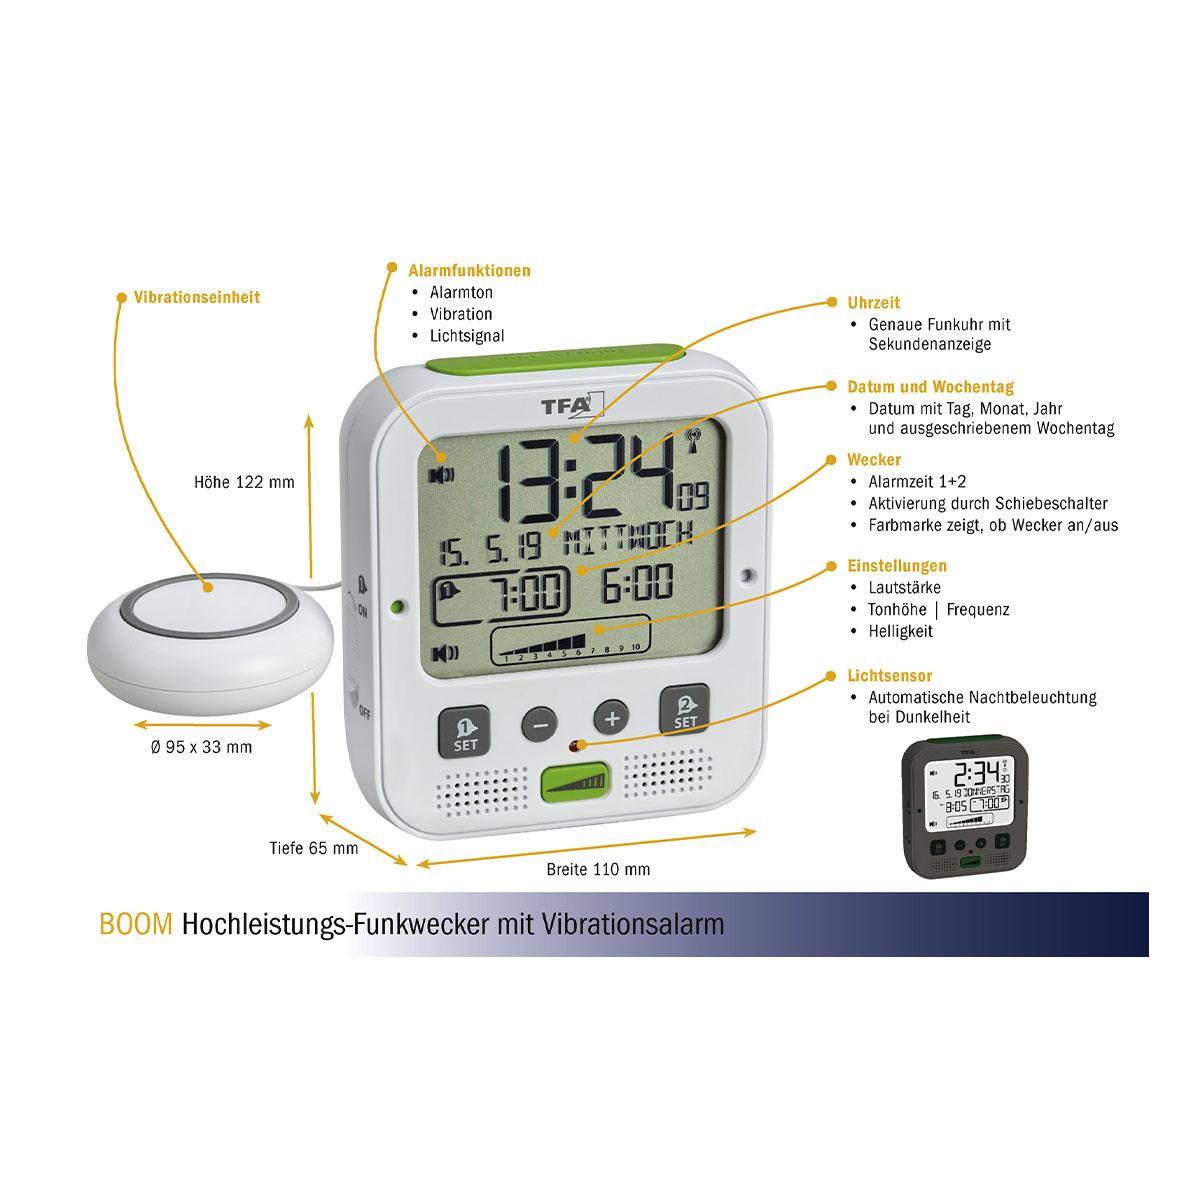 60-2538-02-hochleistungs-funkwecker-mit-vibrationsalarm-boom-abmessungen-1200x1200px.jpg